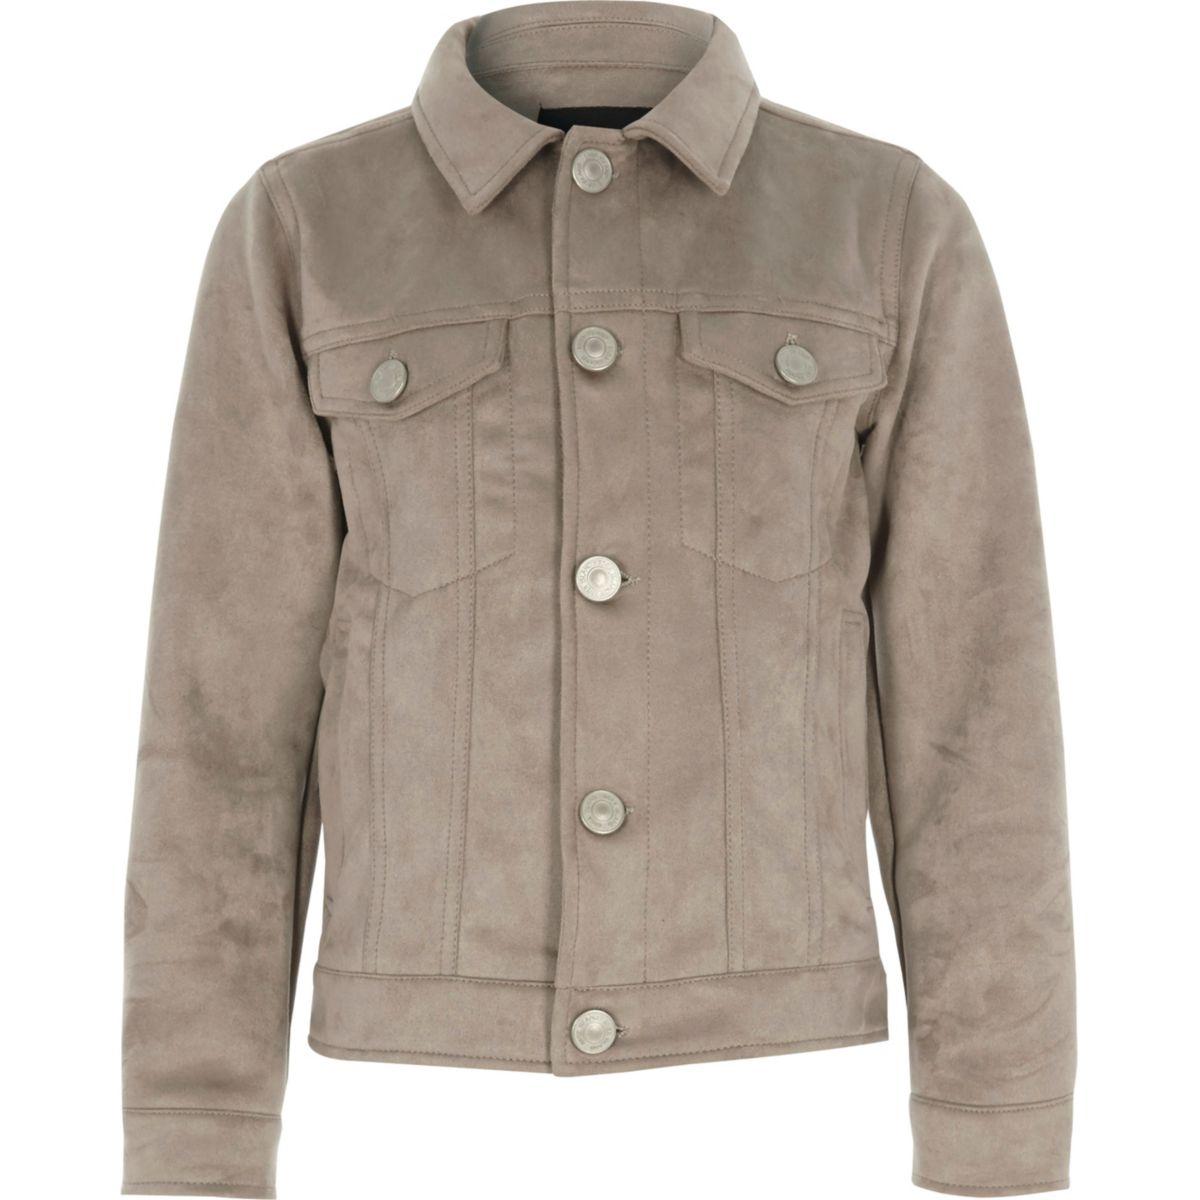 Boys light brown faux suede trucker jacket